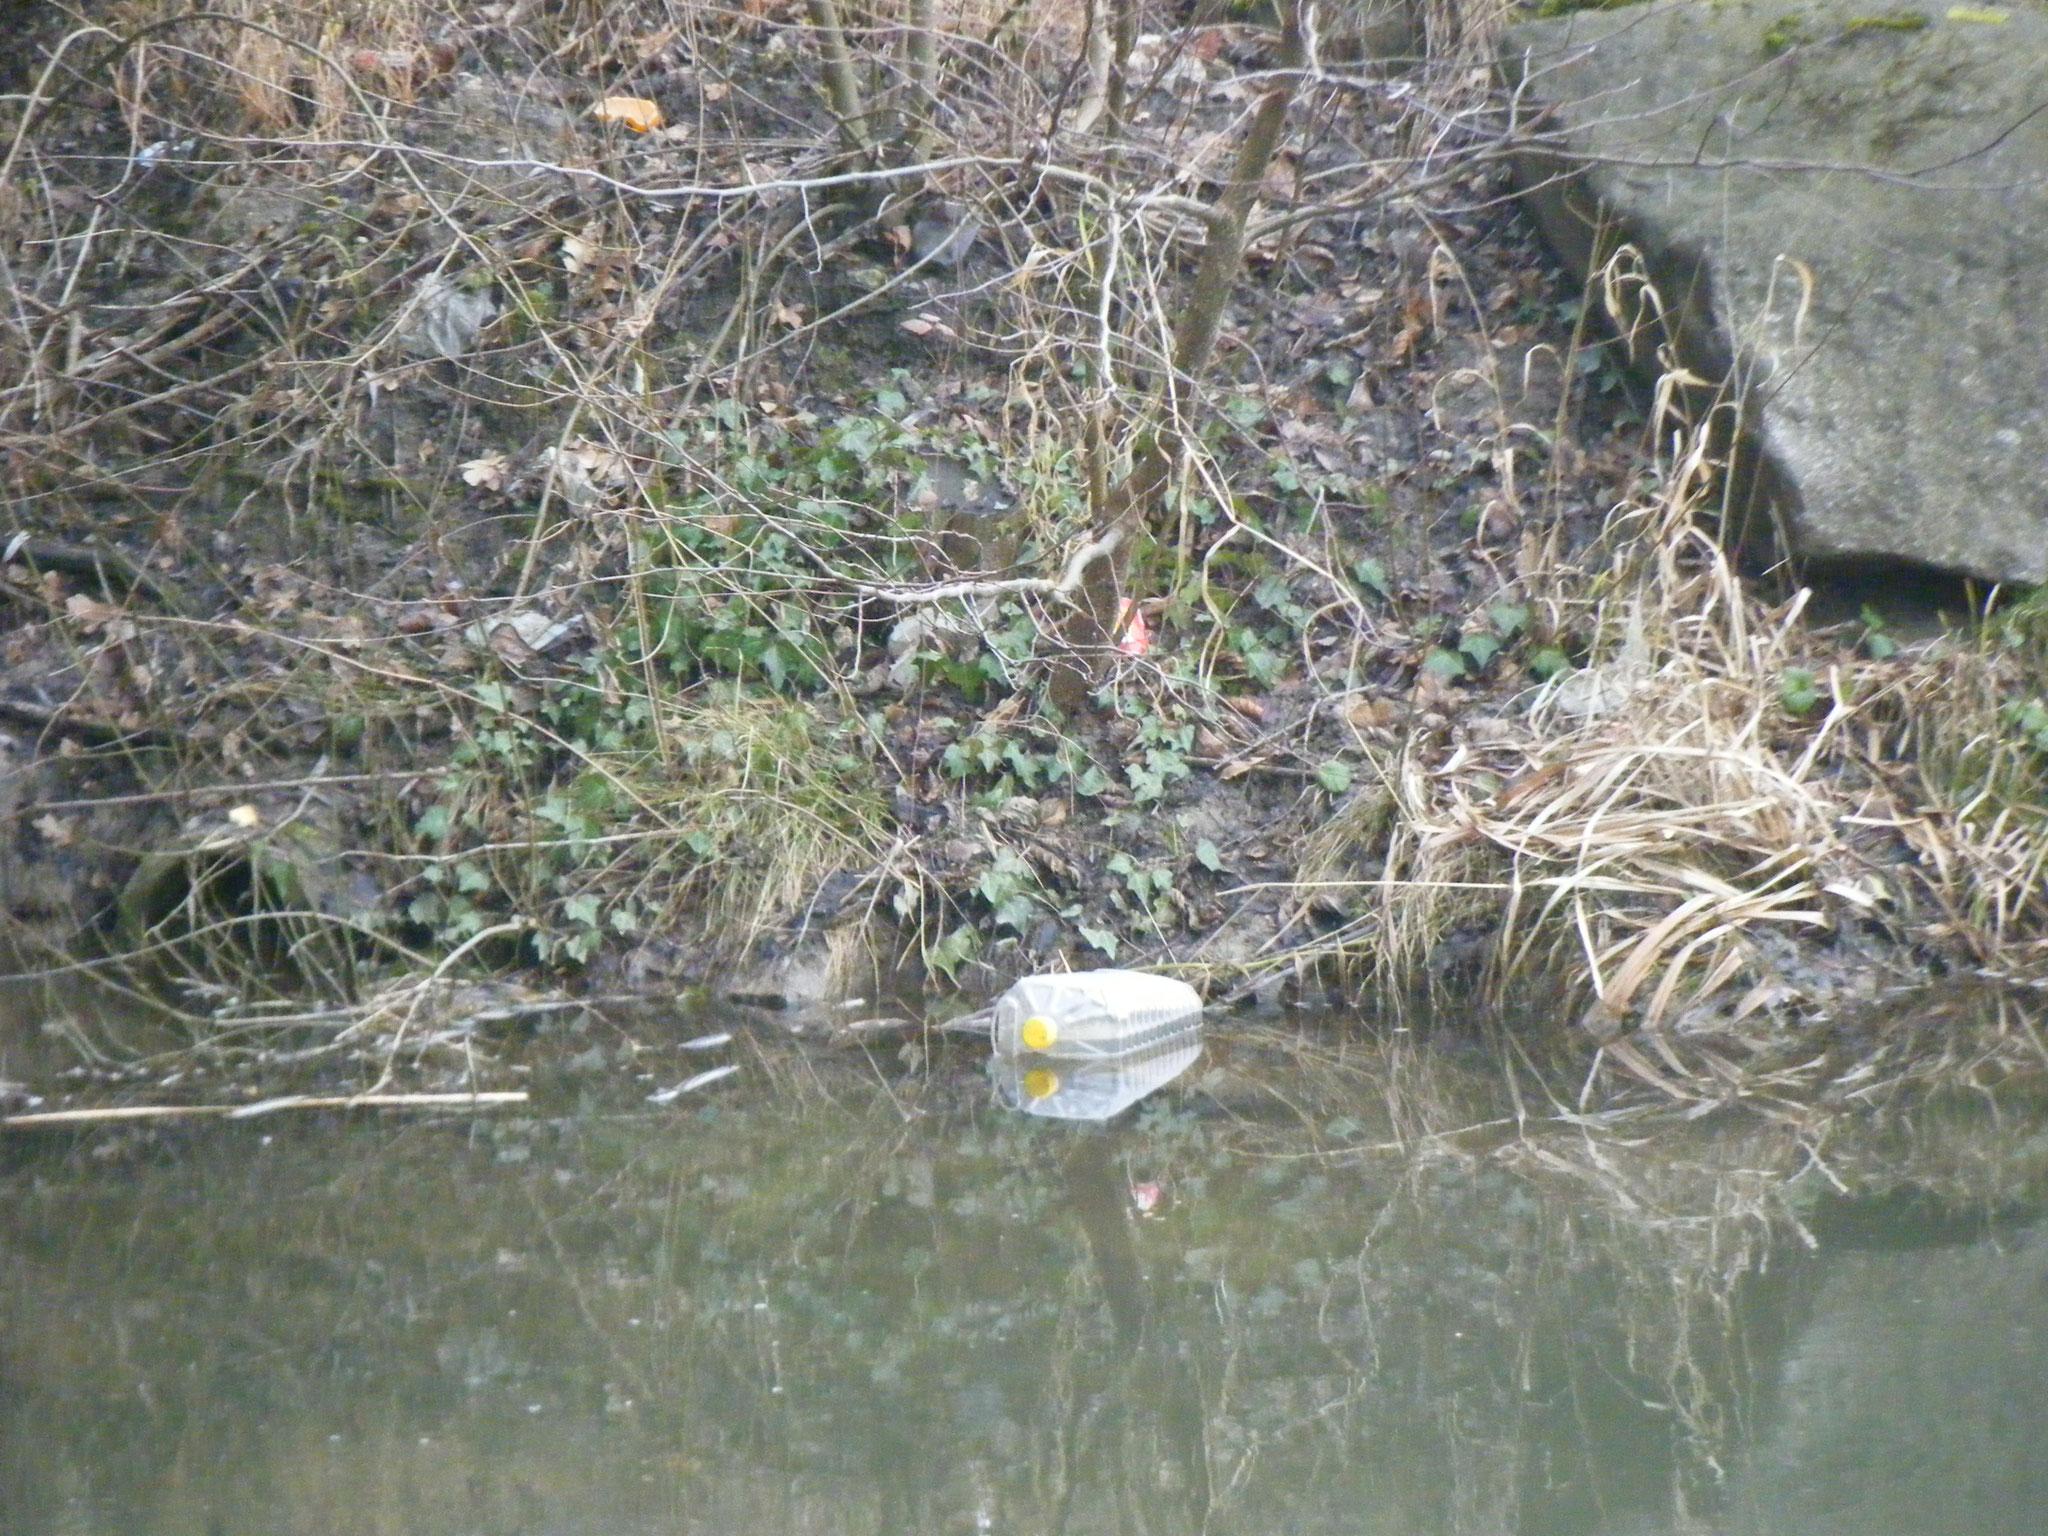 gegenüber dümpelt ein Plastikkanister im Wasser